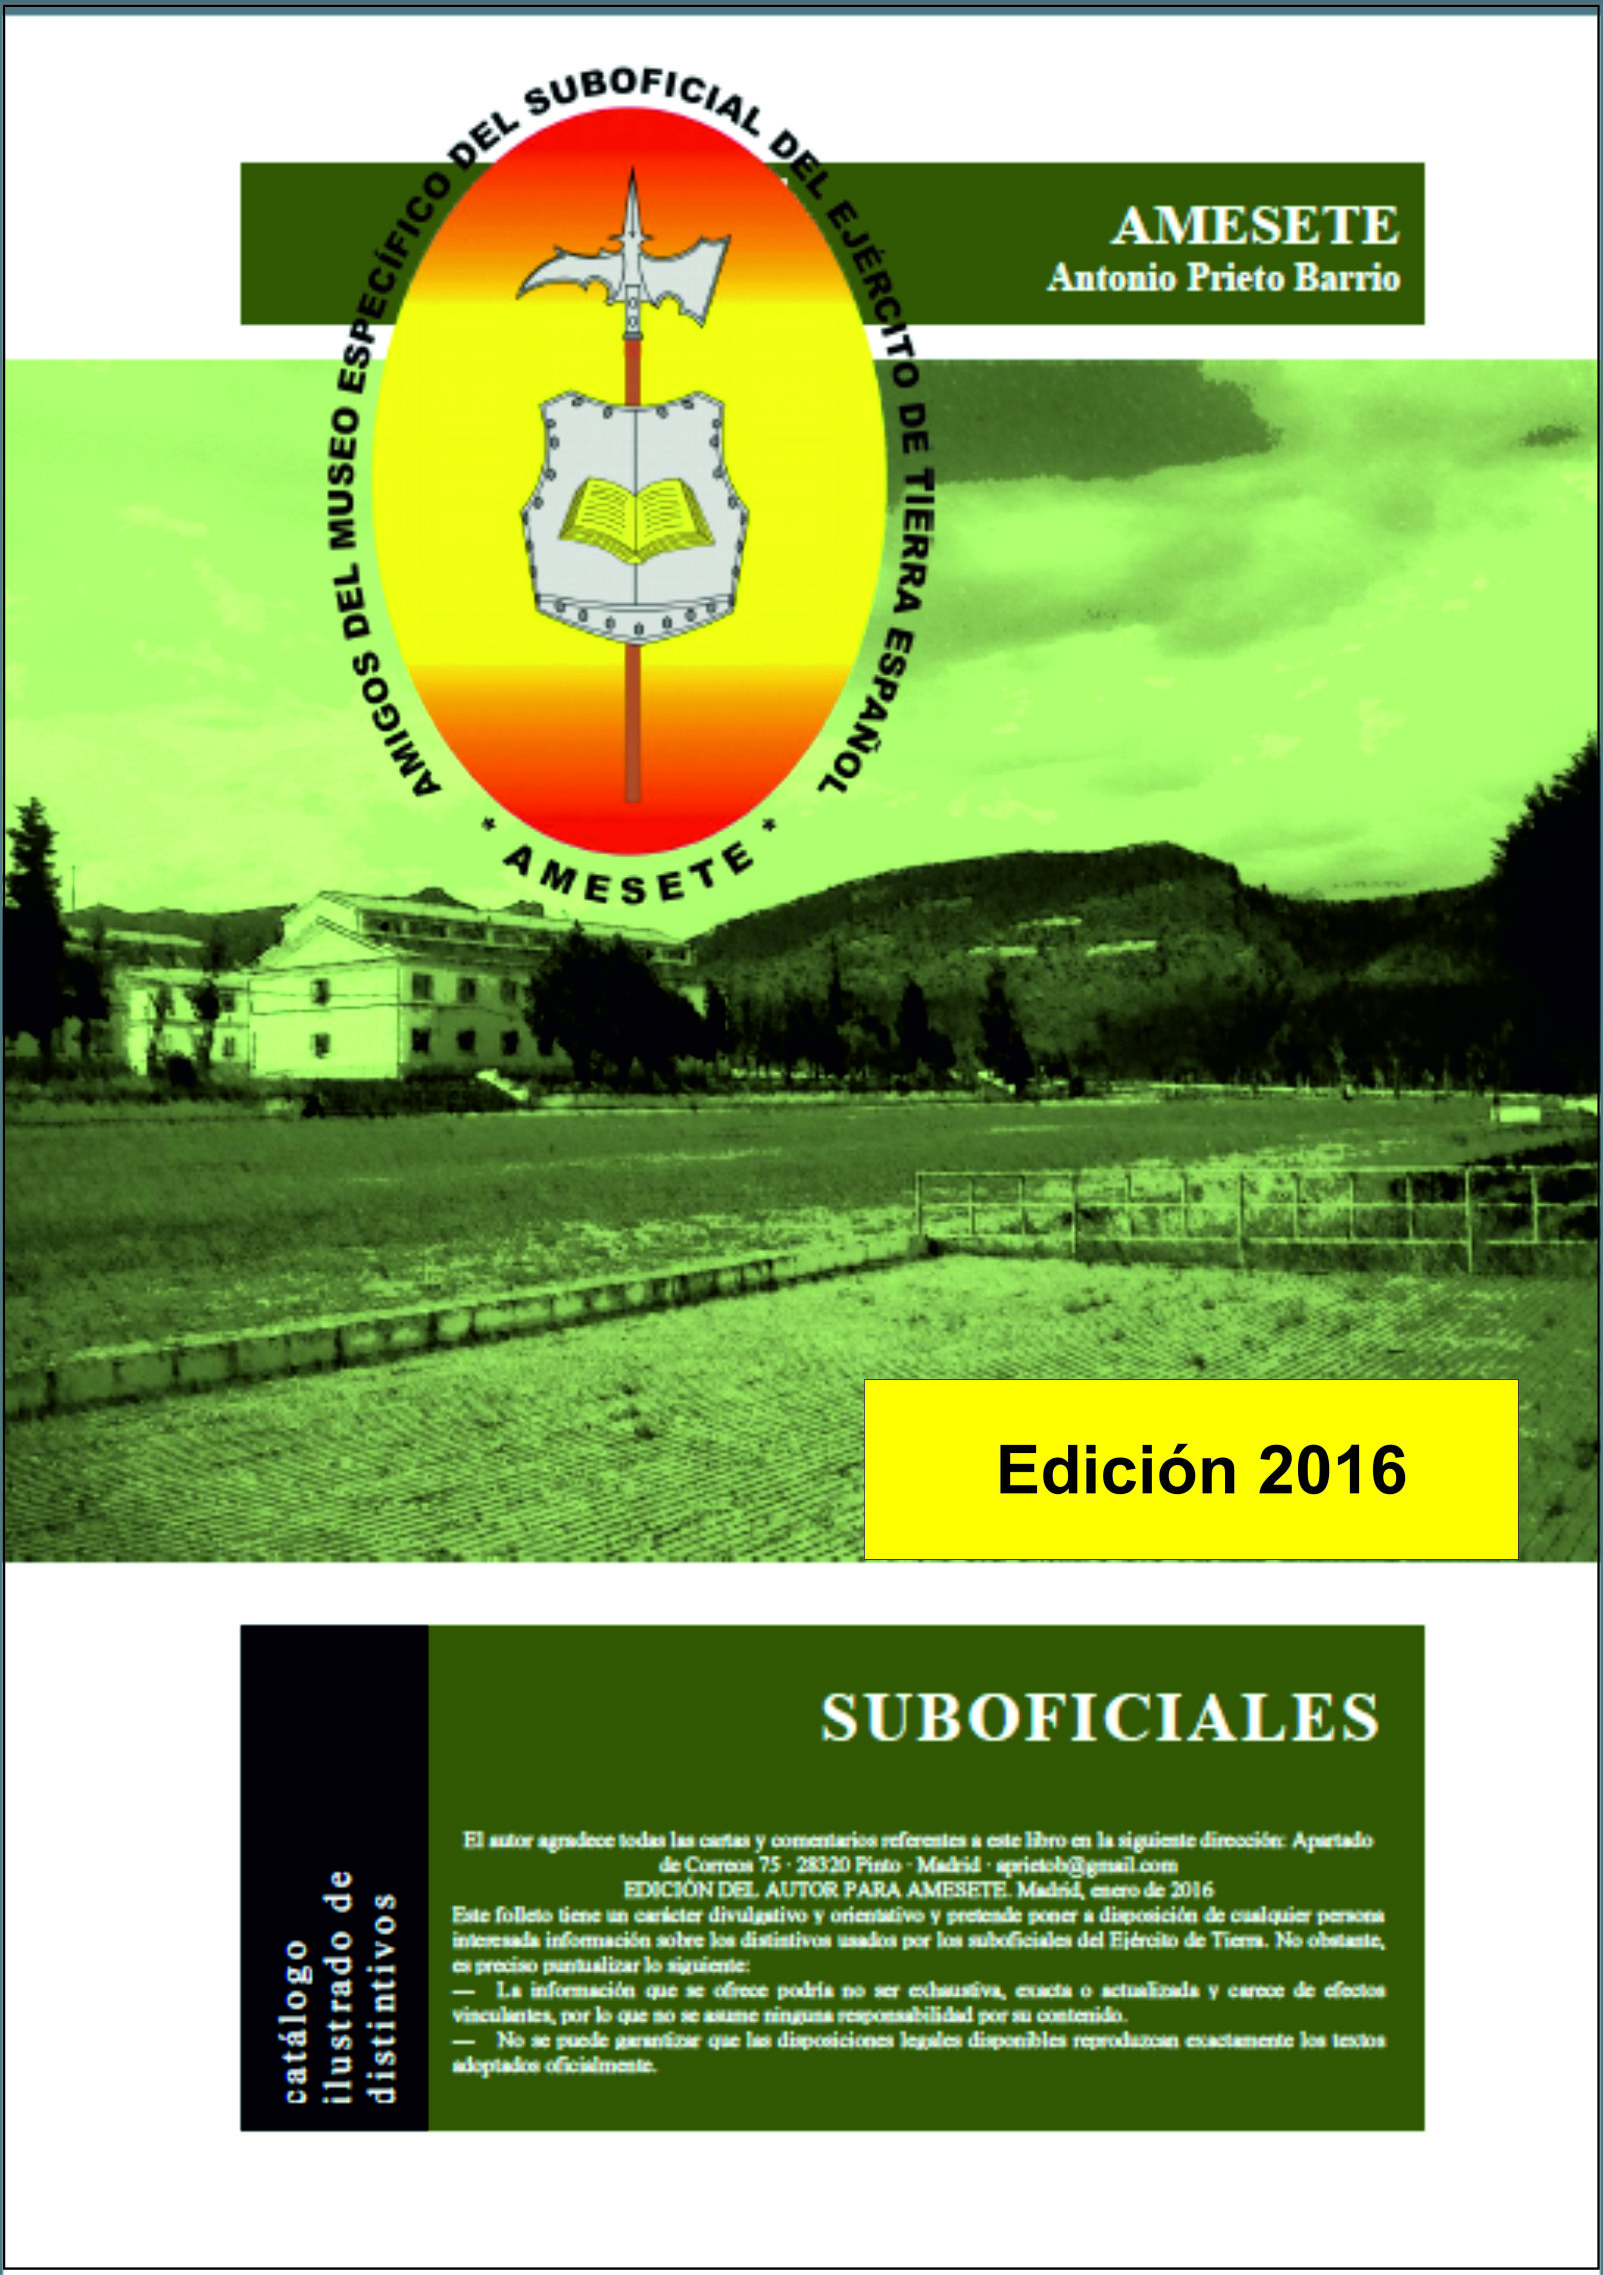 SUBOFICIALES. Catálogo ilustrado de distintivos. Edición 2016